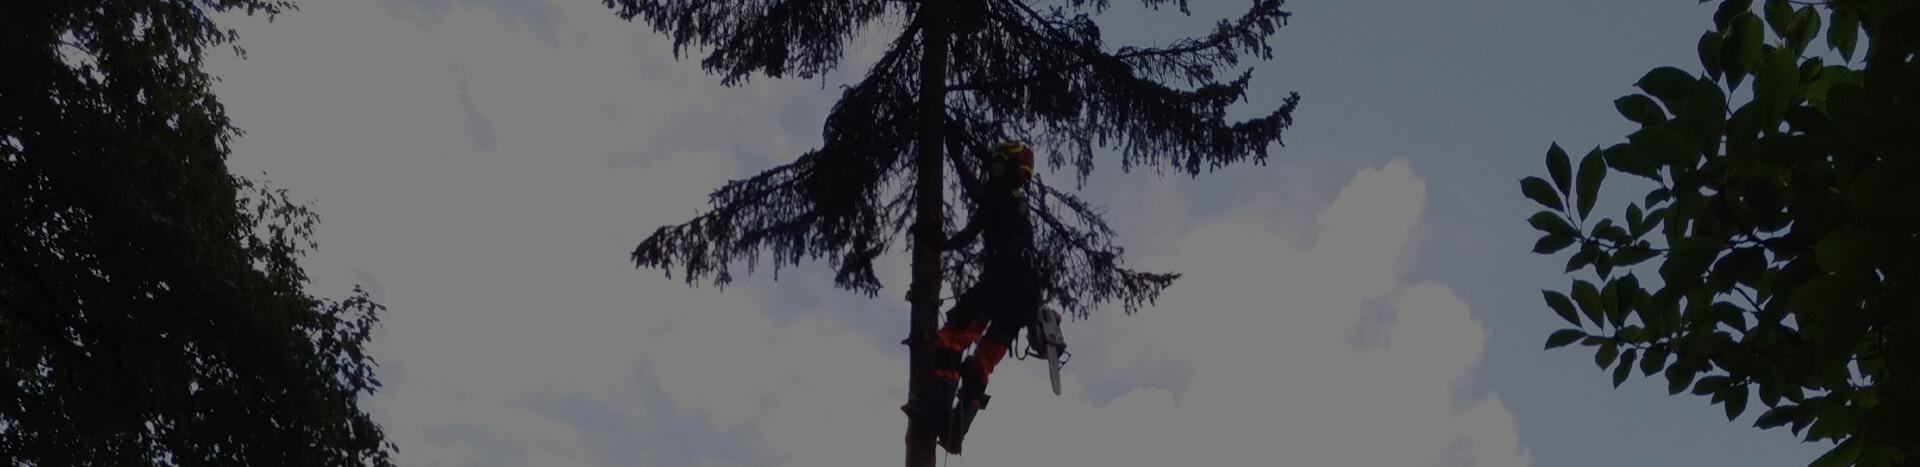 Pielęgnacja krzewów